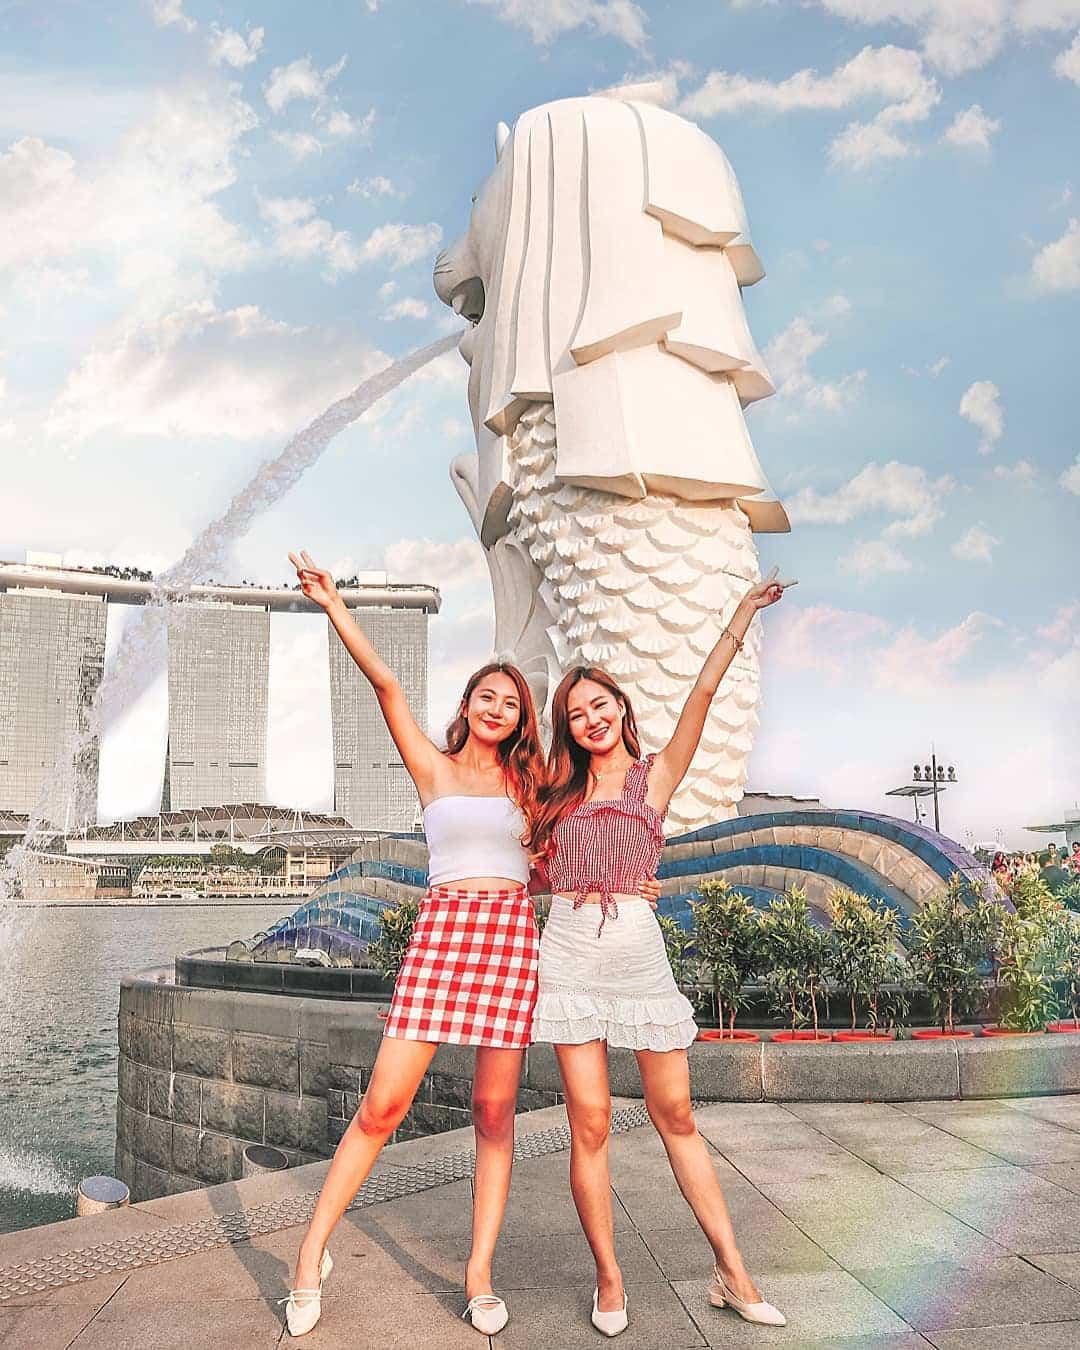 Tempat Wisata Singapura Untuk Menikmati Liburan Tahun Baru, Mulai Dari Wisata Alam Hingga Kuliner